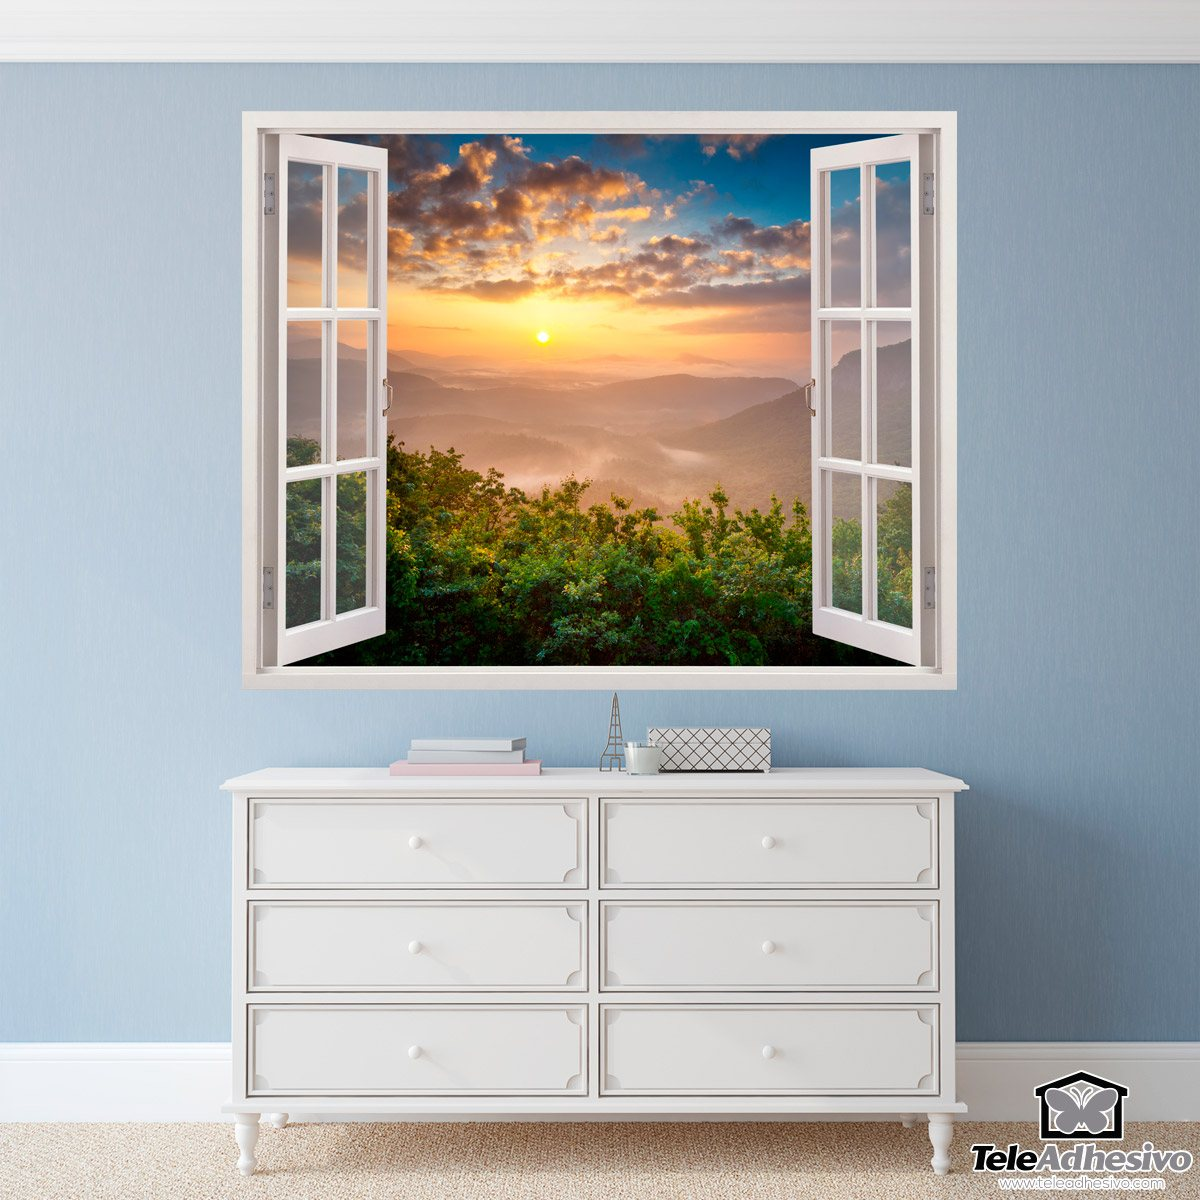 Vinilo decorativo paisaje puesta de sol - Posters y vinilos ...